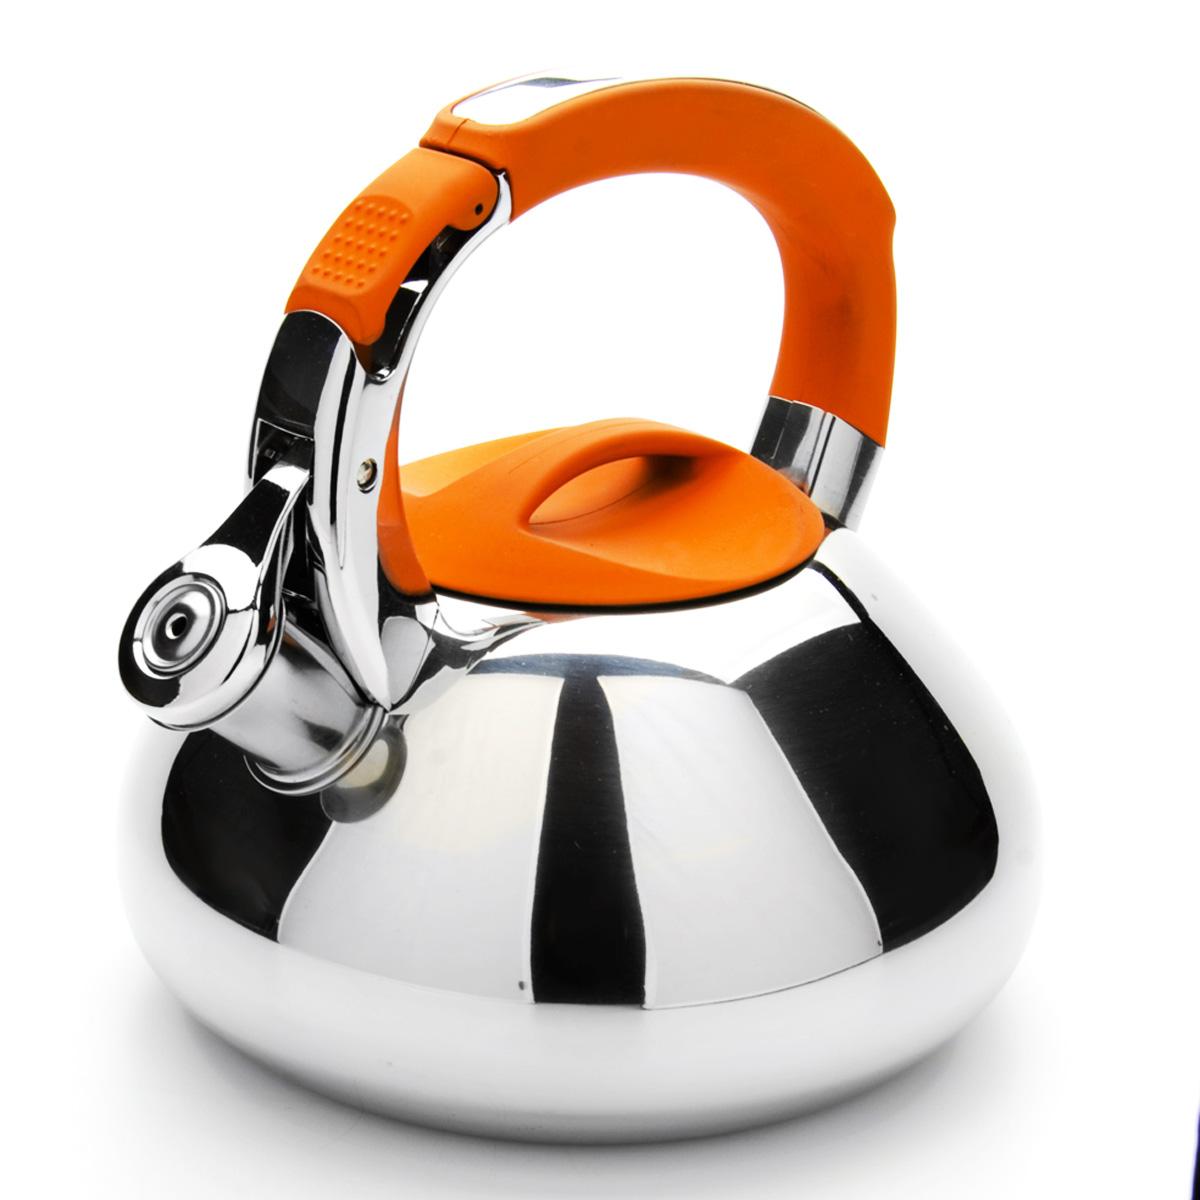 Чайник Mayer & Boch со свистком, цвет: оранжевый, 2,9 л. 23592VT-1520(SR)Чайник Mayer & Boch выполнен из высококачественной нержавеющей стали, что обеспечивает долговечность использования. Внешнее зеркальноепокрытие придает приятный внешний вид. Фиксированная ручка из нейлона делает использование чайника очень удобным и безопасным. Чайник снабжен свистком и устройством для открывания носика, которое находится на ручке. Можно мыть в посудомоечной машине. Пригоден для всех видов плит, включая индукционные. Высота чайника (без учета крышки и ручки): 10 см.Диаметр основания: 16,5 см.